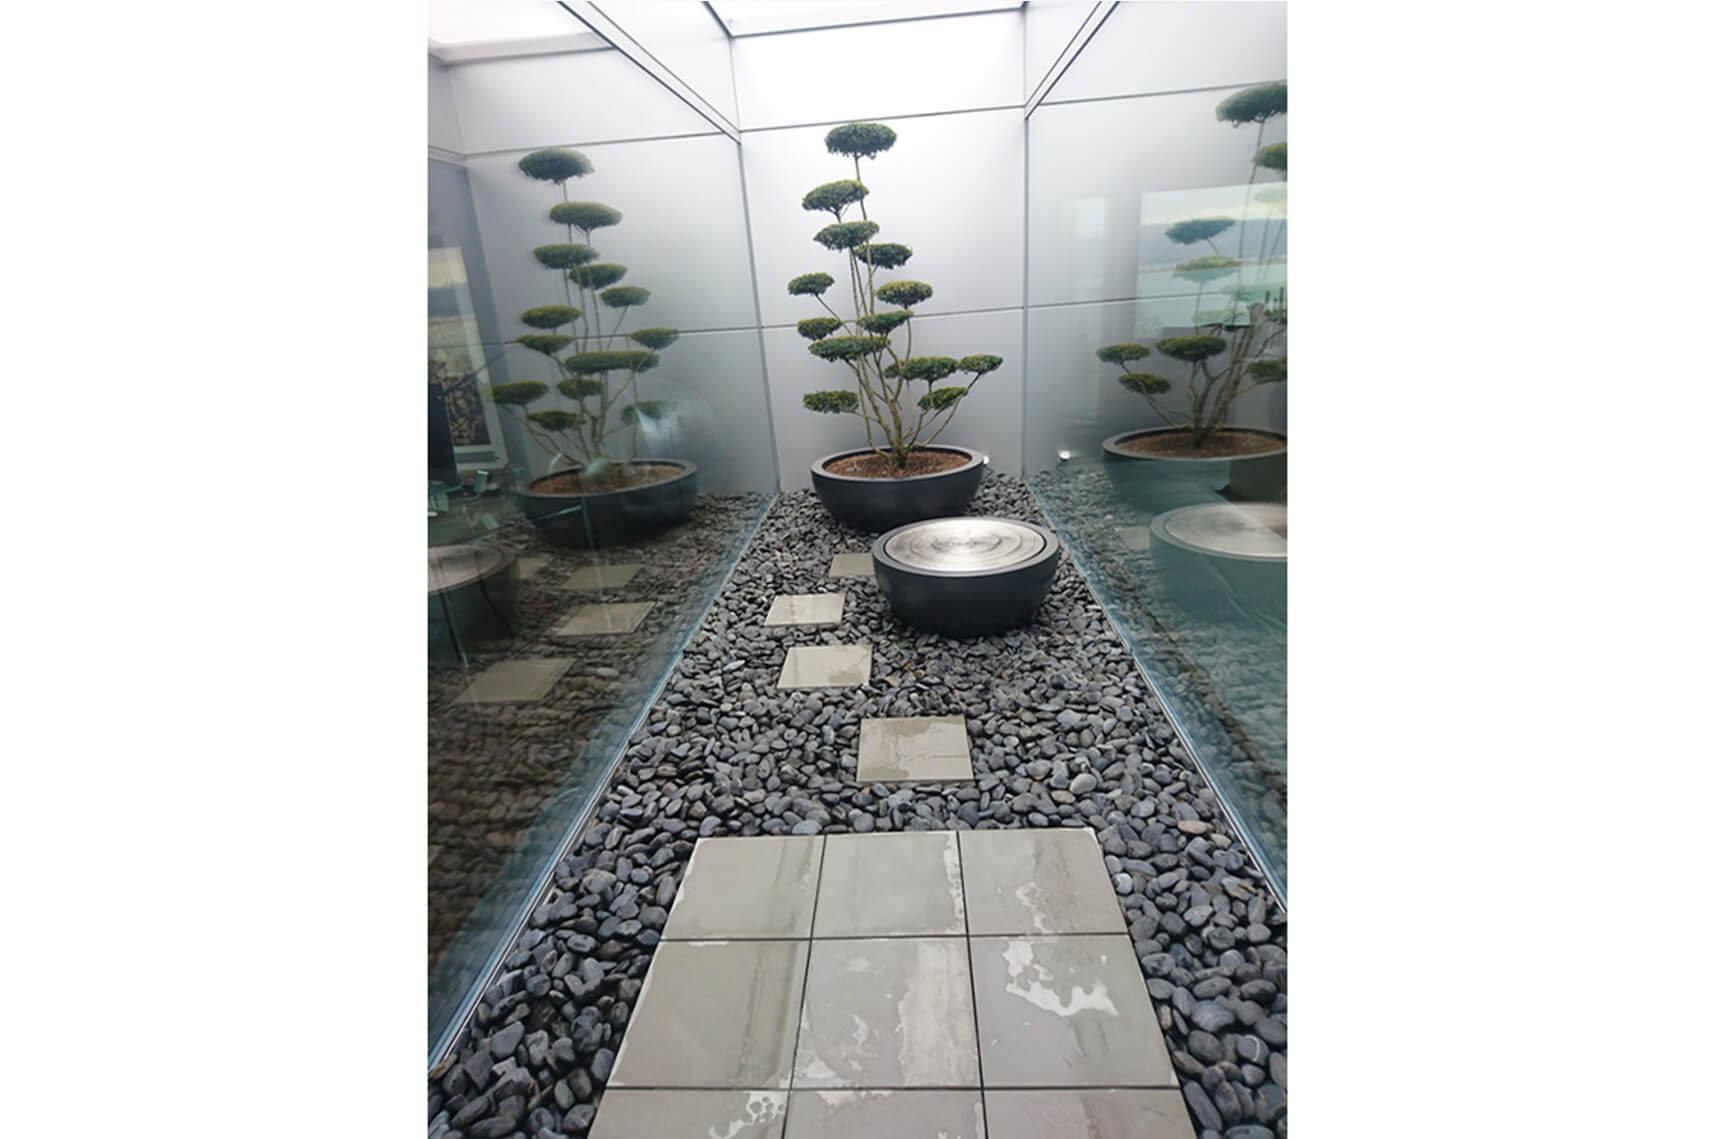 aellig paysages paysagiste jardin interieur pot arbre à étage fontaine la neuveville jardin japonais ultra modern (2)